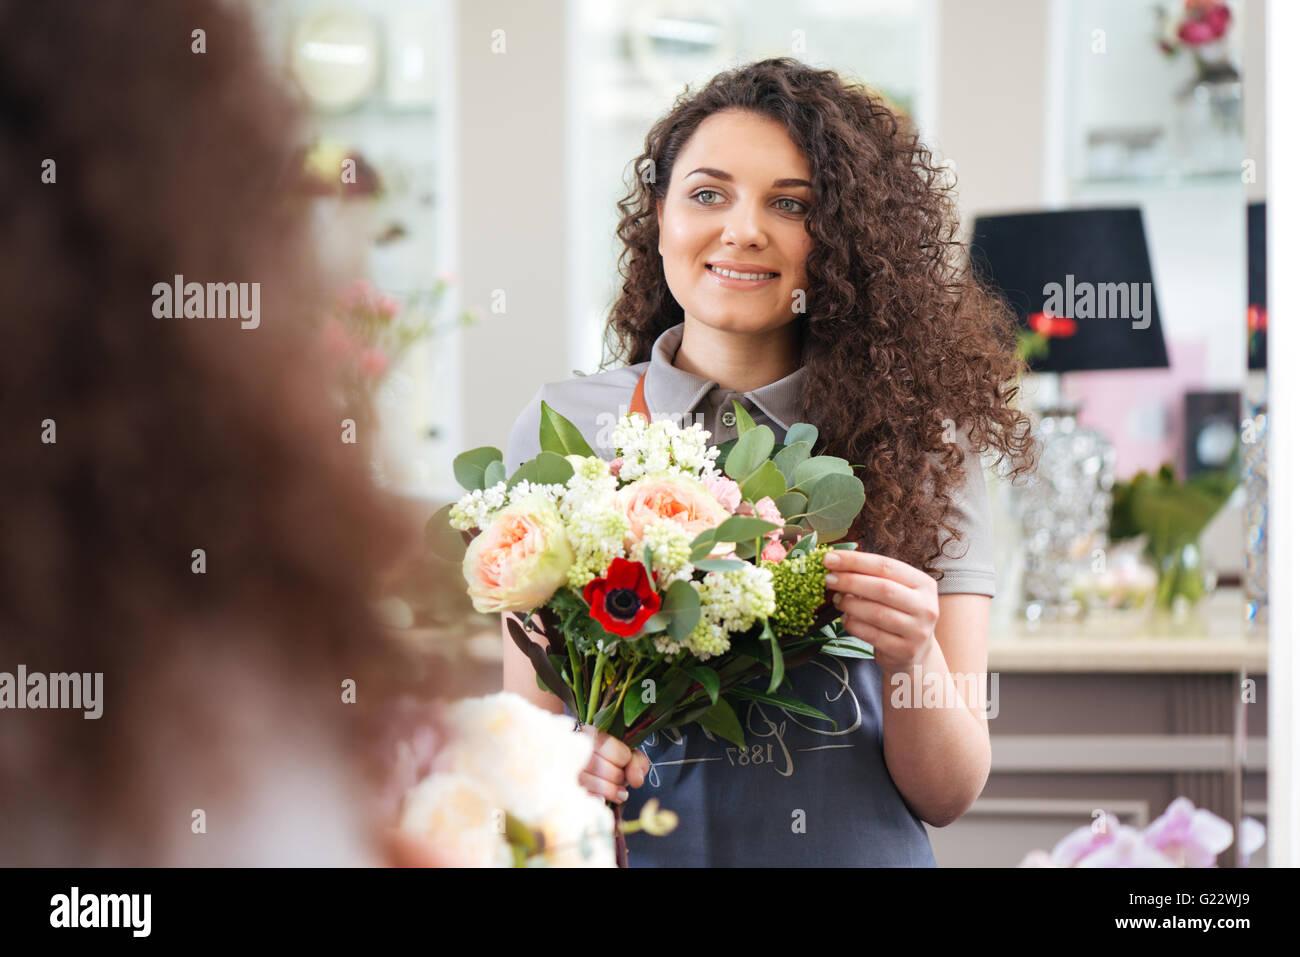 Fröhliche, schöne junge Frau Floristen halten Blumenstrauß und Blick auf den Spiegel Stockbild